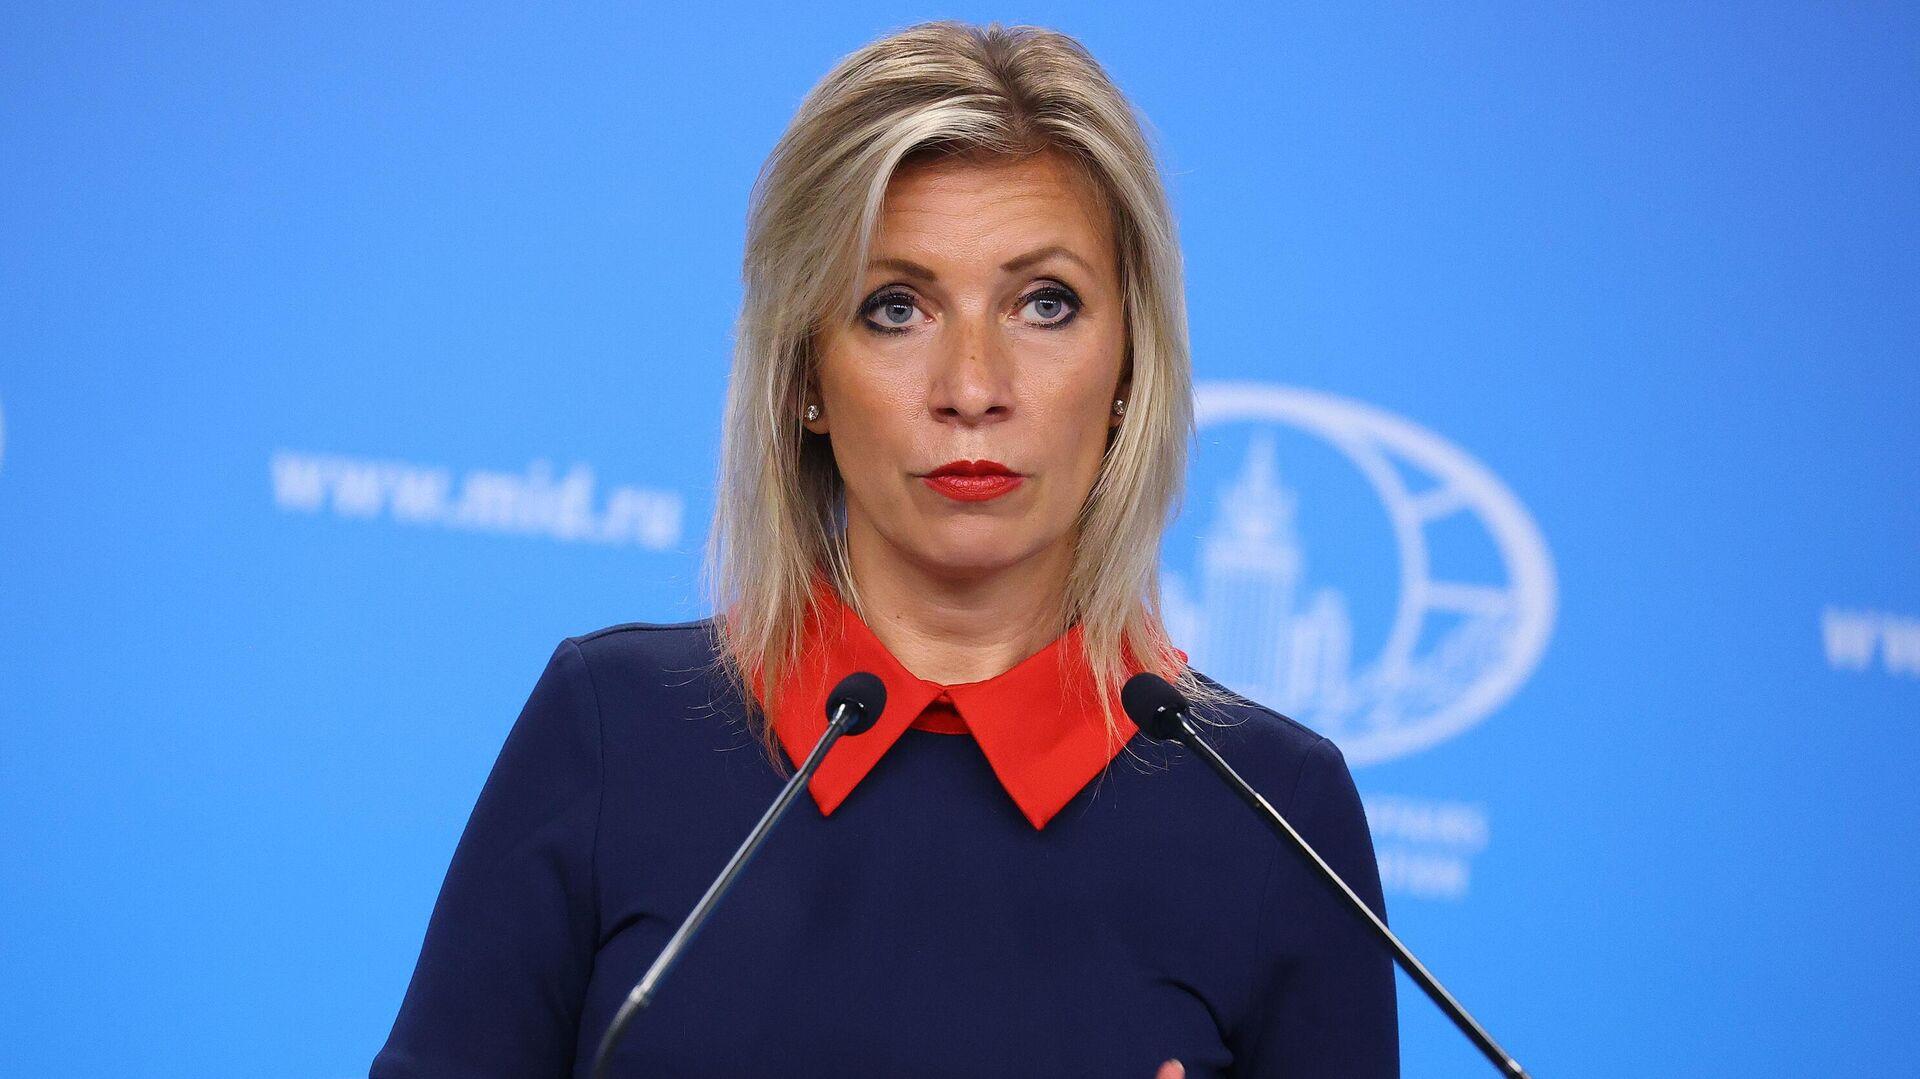 Официальный представитель Министерства иностранных дел России Мария Захарова - Sputnik Латвия, 1920, 16.09.2021